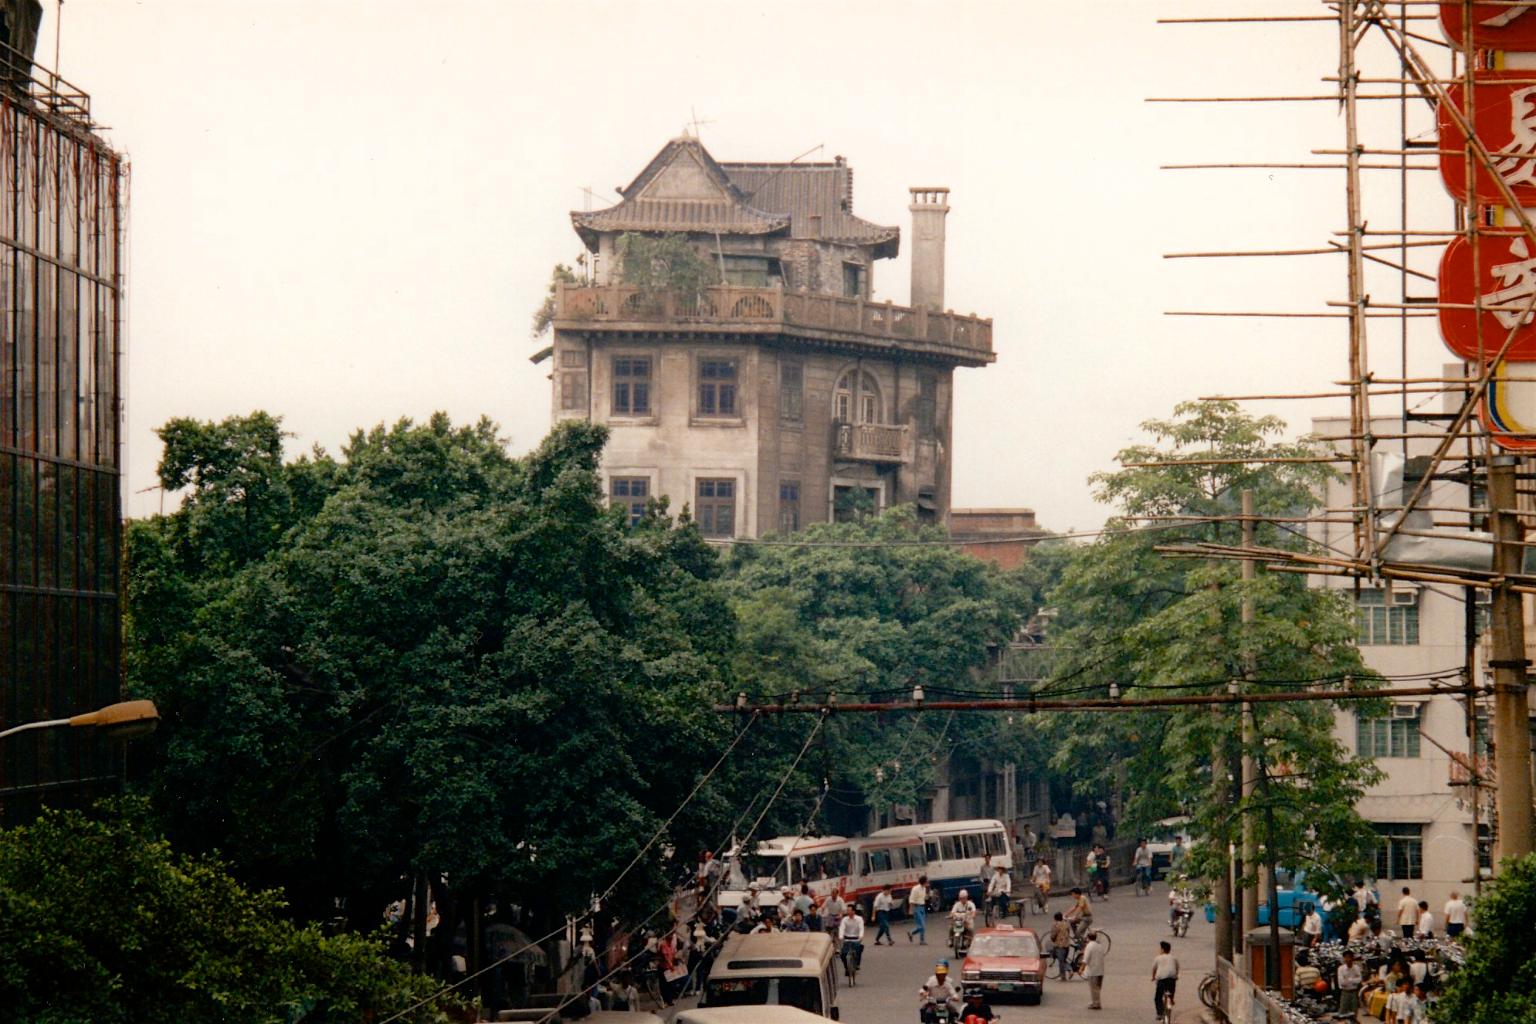 九十年代羊城风景 海内外闻名的六榕寺